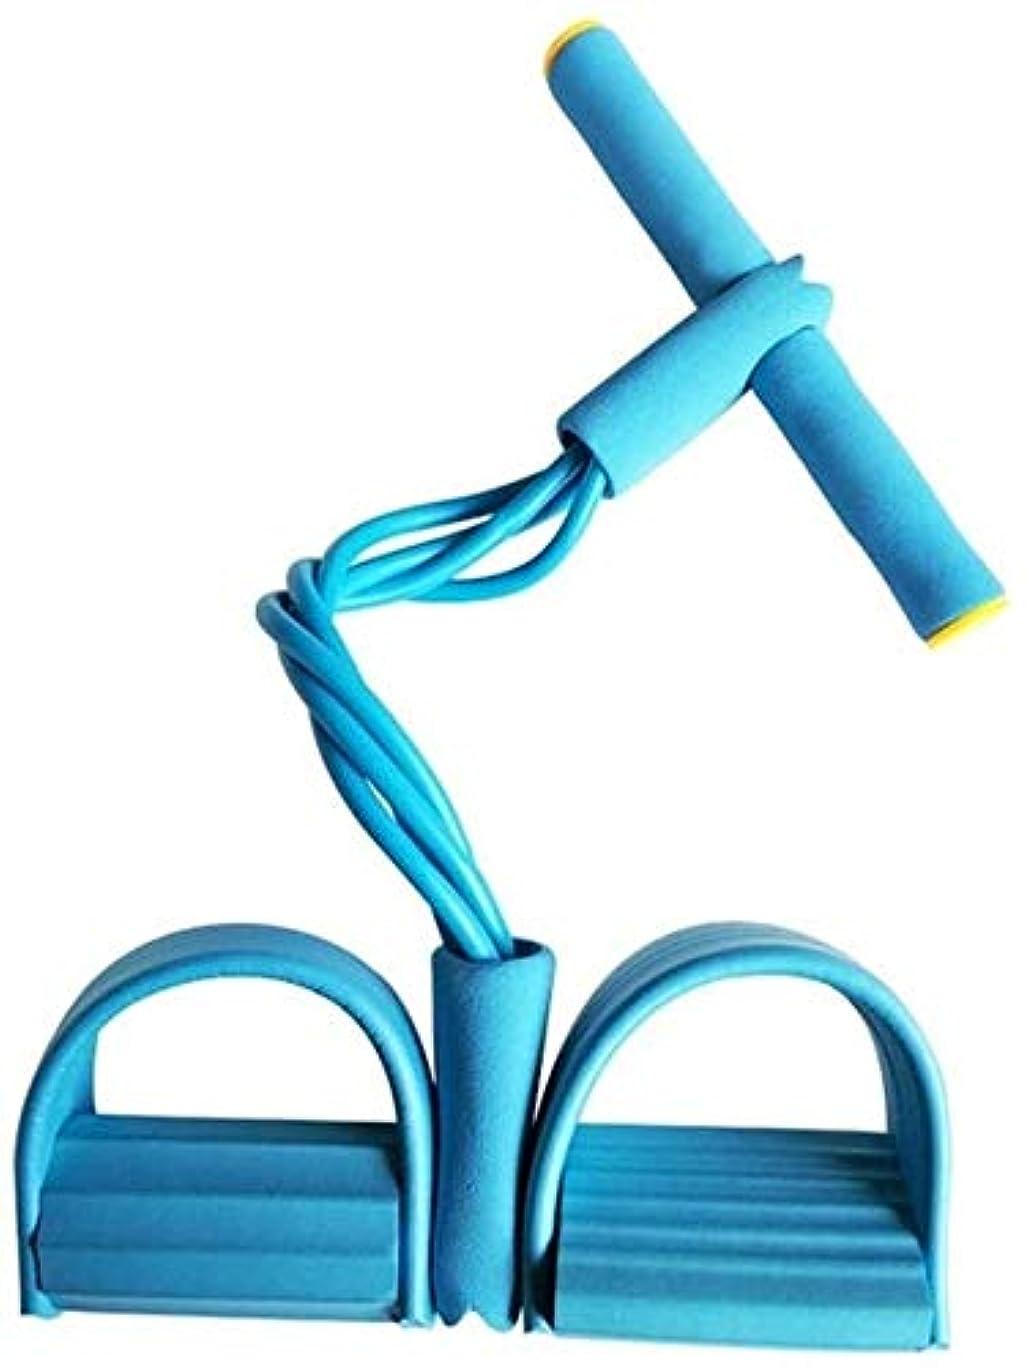 ポールタップお誕生日家庭用フィットネス フィットネス機器の4 Resistanc弾性プルロープエクセ漕ぎ手ベリーレジスタンスバンドホームジムスポーツトレーニング弾性バンド